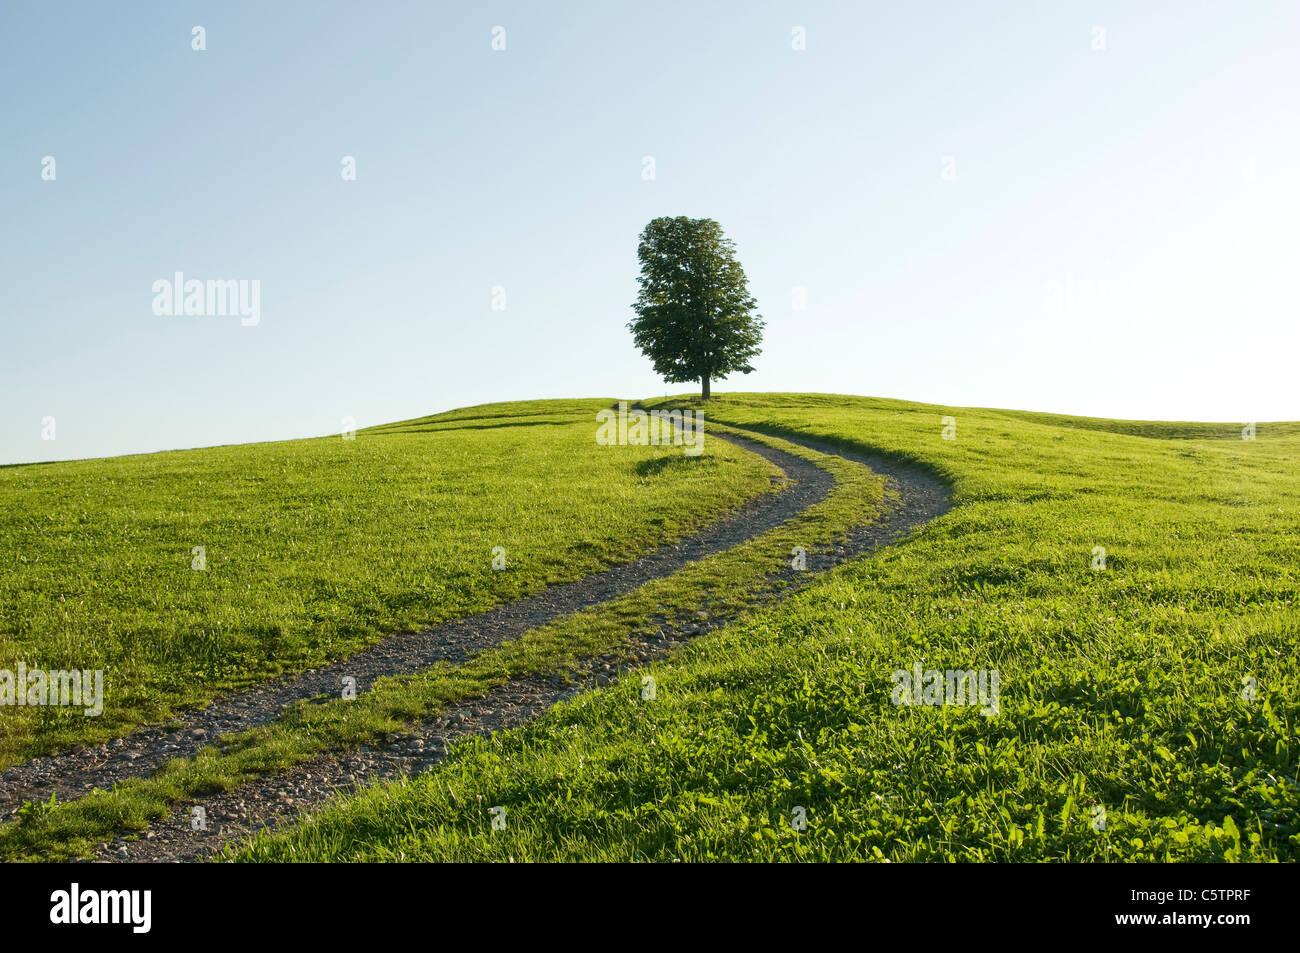 In Germania, in Baviera, Allgäu, singolo albero accanto alla pista di fattoria Immagini Stock